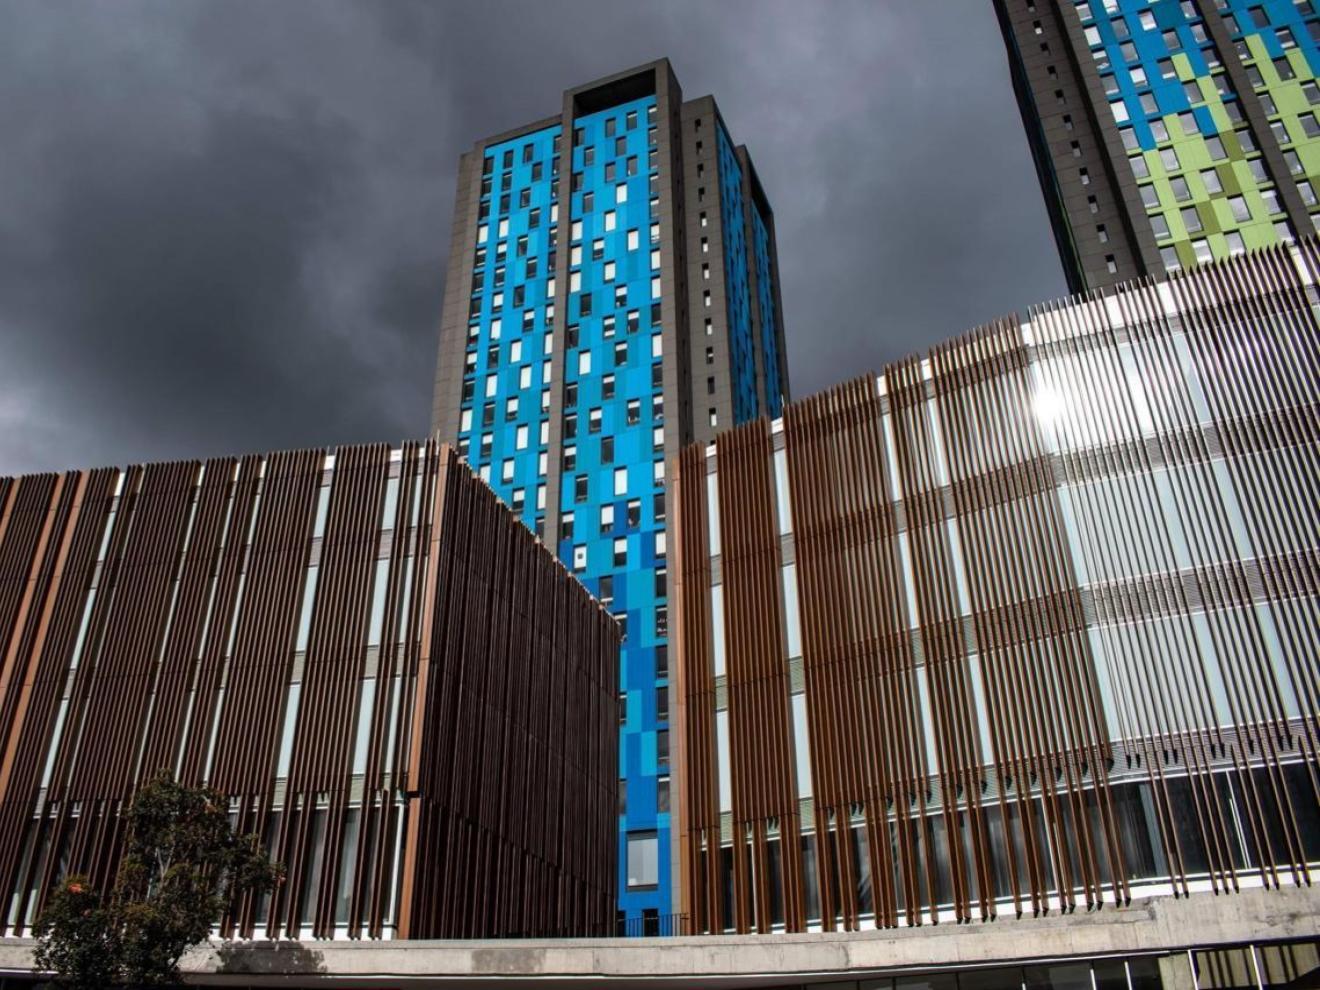 Facade Nueva Cinemateca in Bogotá